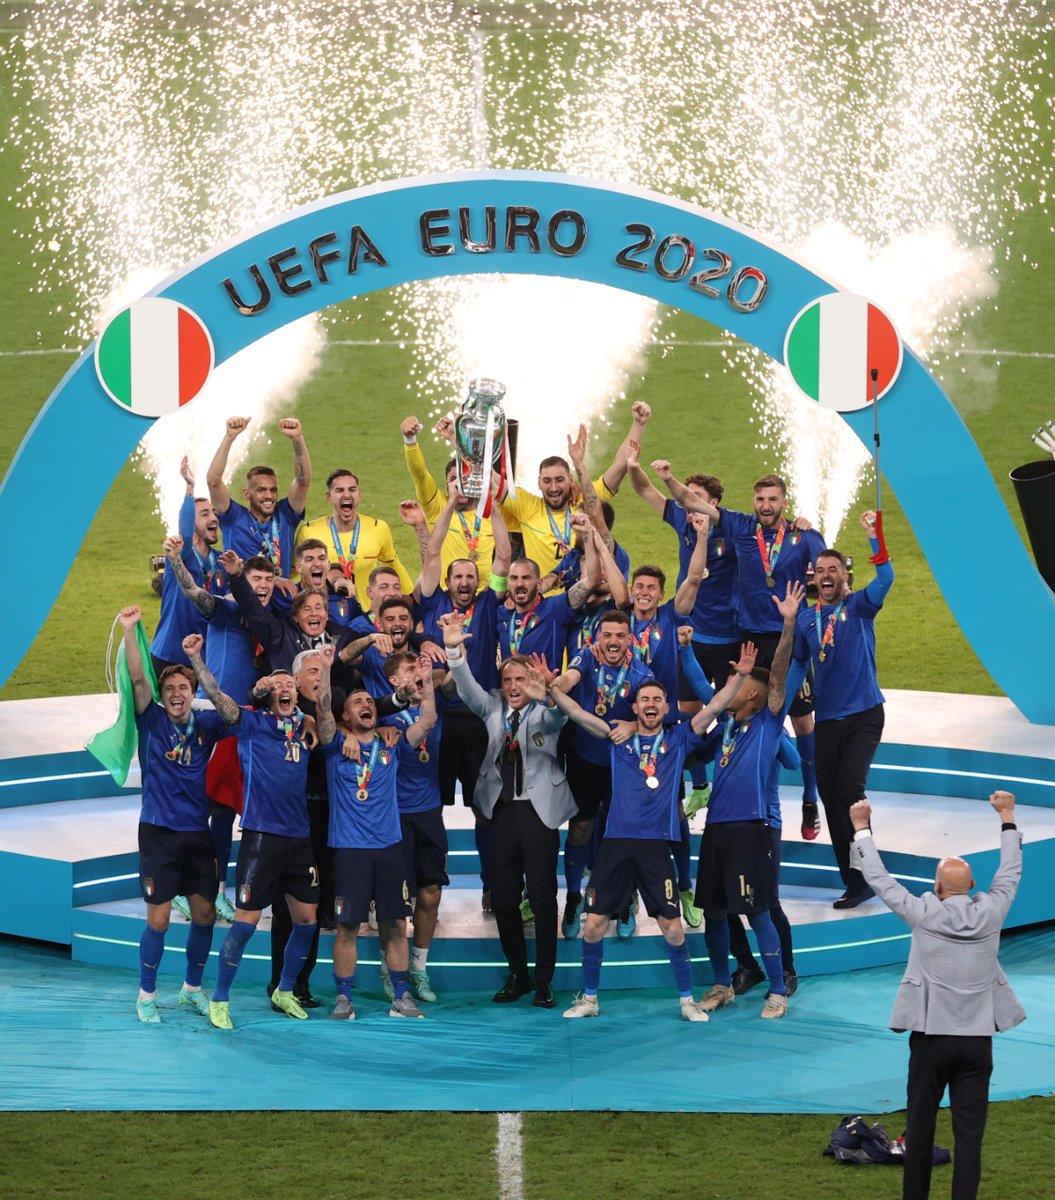 [HILO ÚNICO] Eurocopa 2020 (11 de junio y el 11 de julio de 2021) - Página 12 E6DLt12WQAsjTll?format=jpg